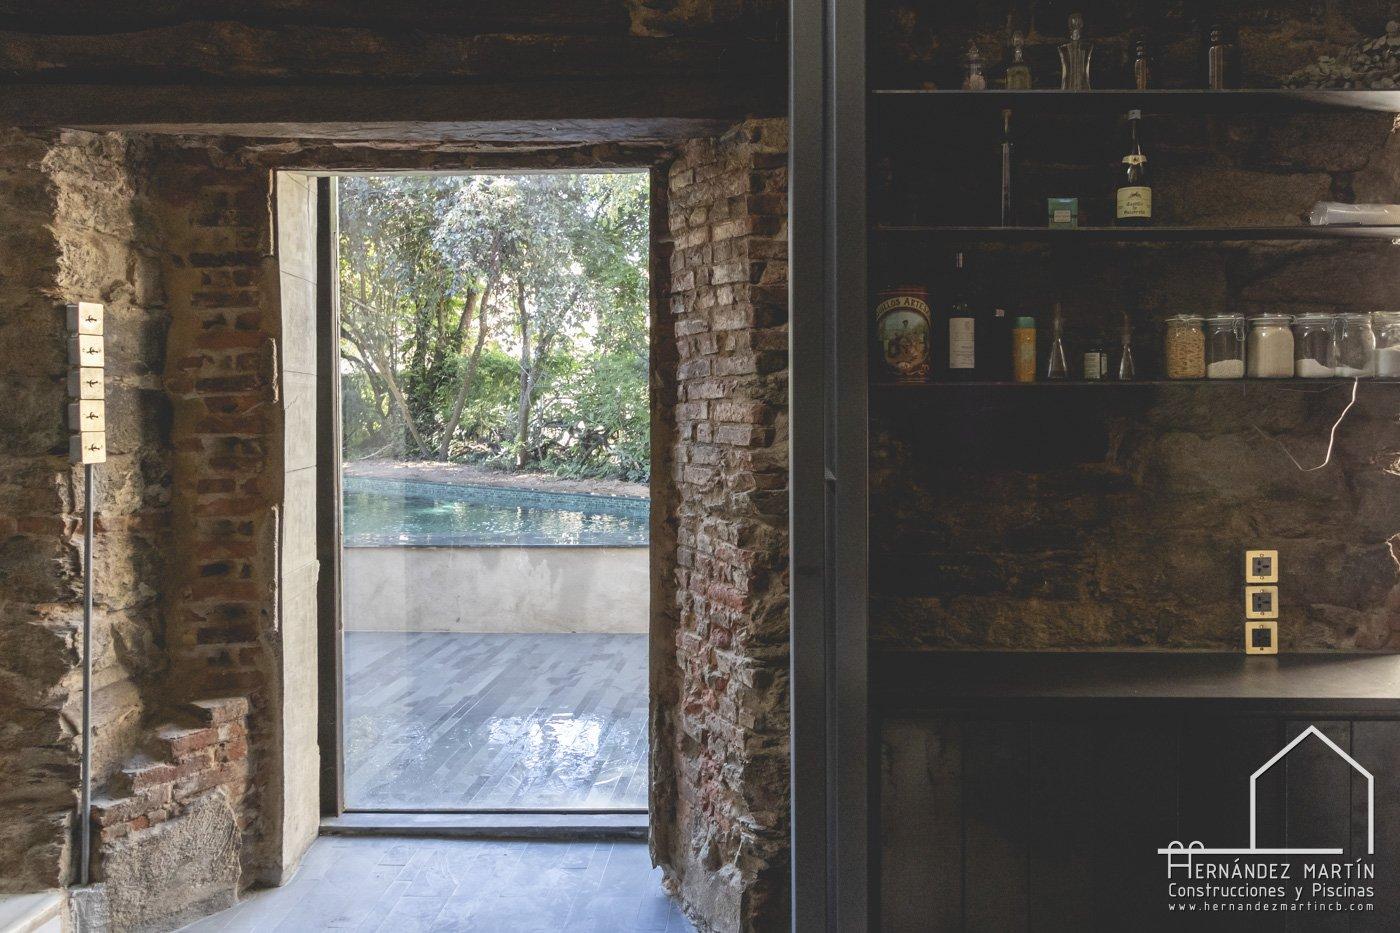 piscinas de diseño rustico y paisajista piedra pizarra Zamora Salamanca Valladolid Hernandez Martin